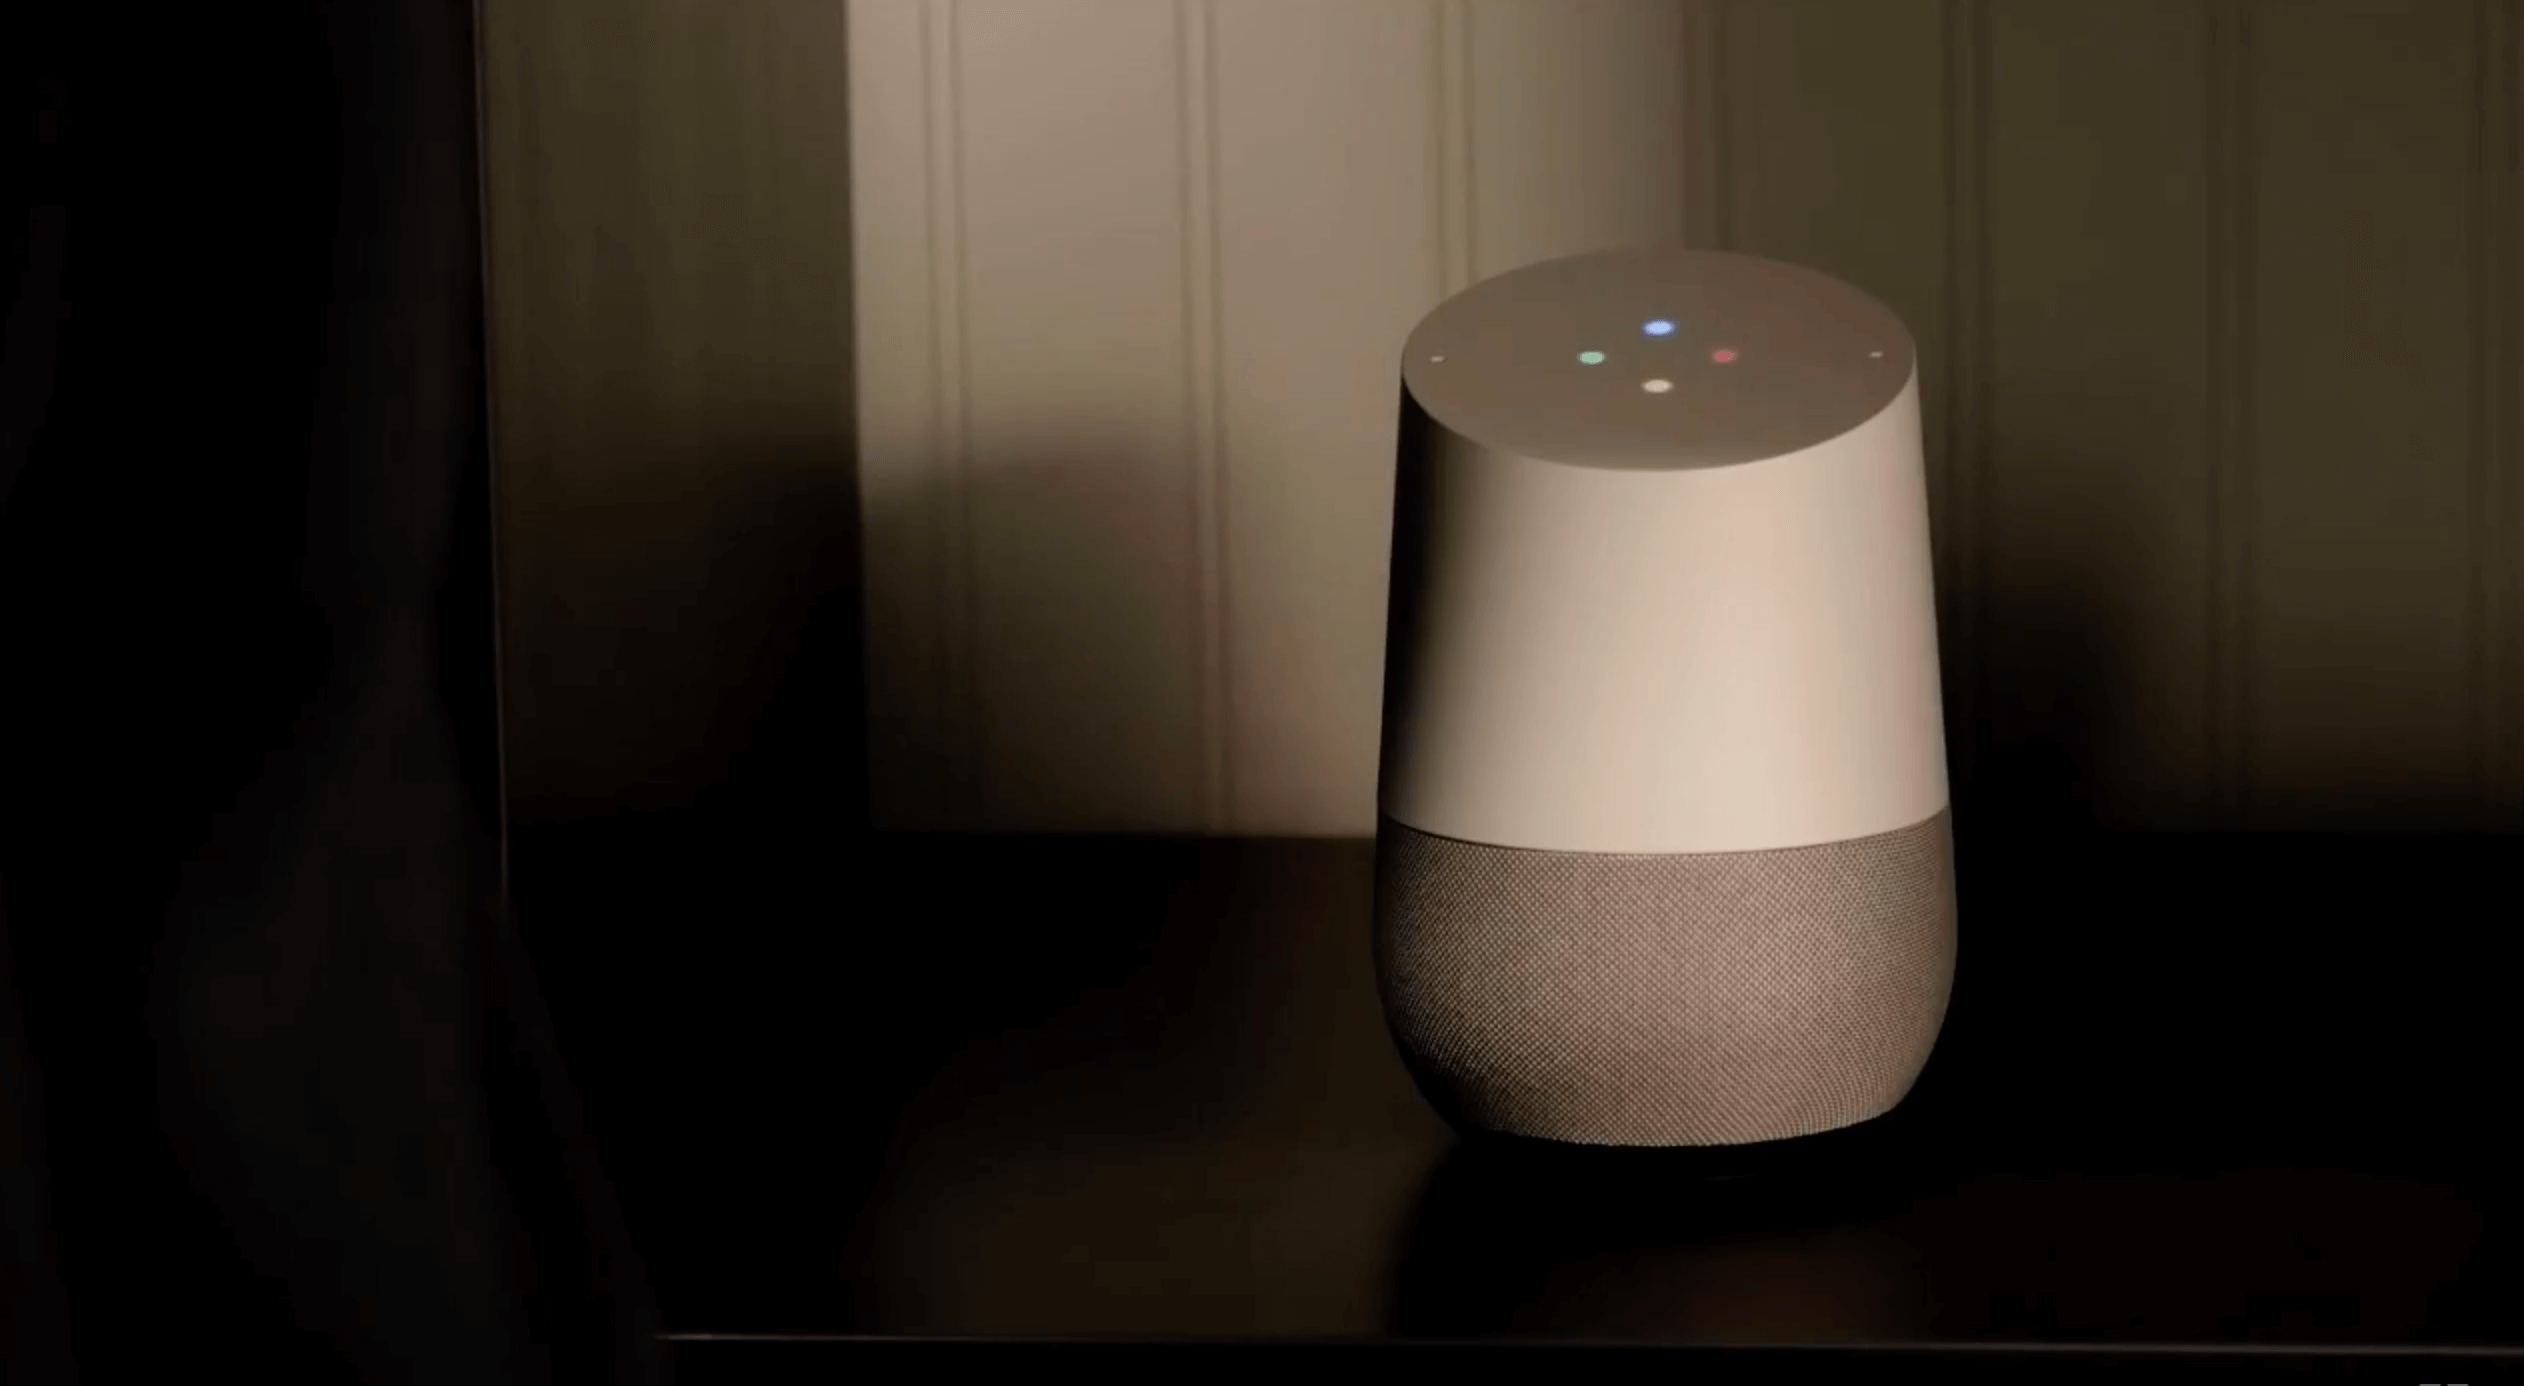 Google Home mit Google Assistant ab Sommer in Deutschland